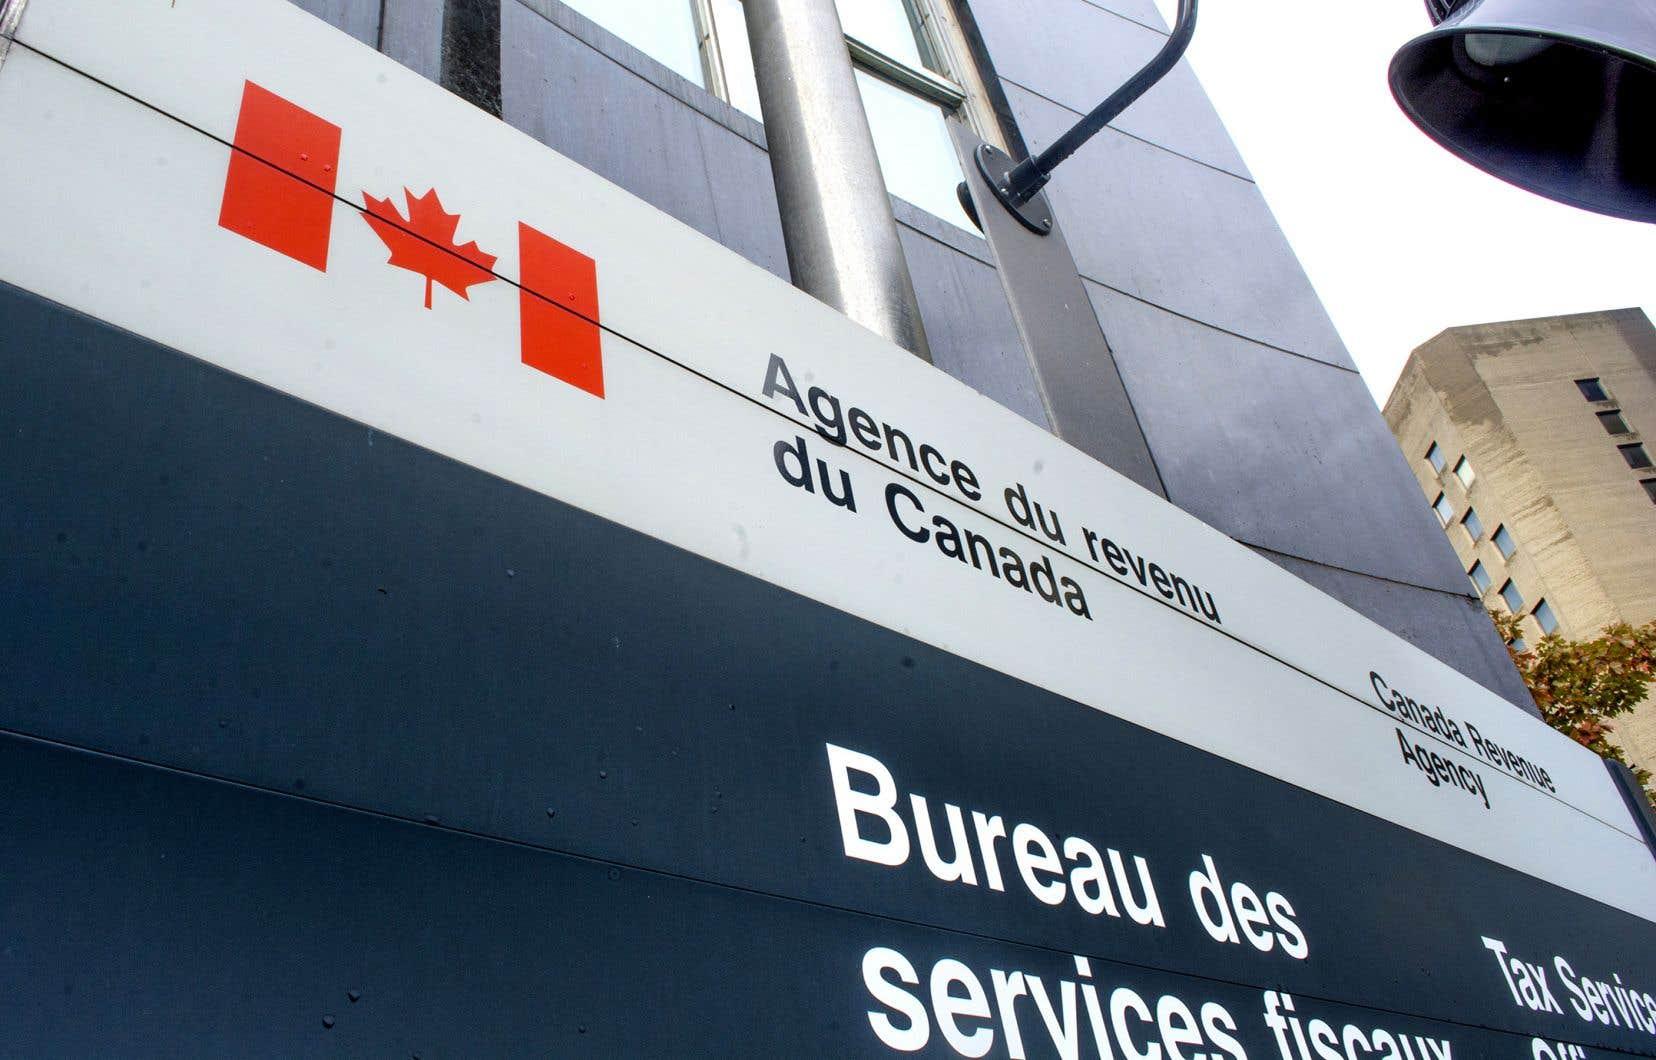 Seulement 34% des artistes ont reçu la PCRE, une aide financière administrée par l'Agence de revenu du Canada.